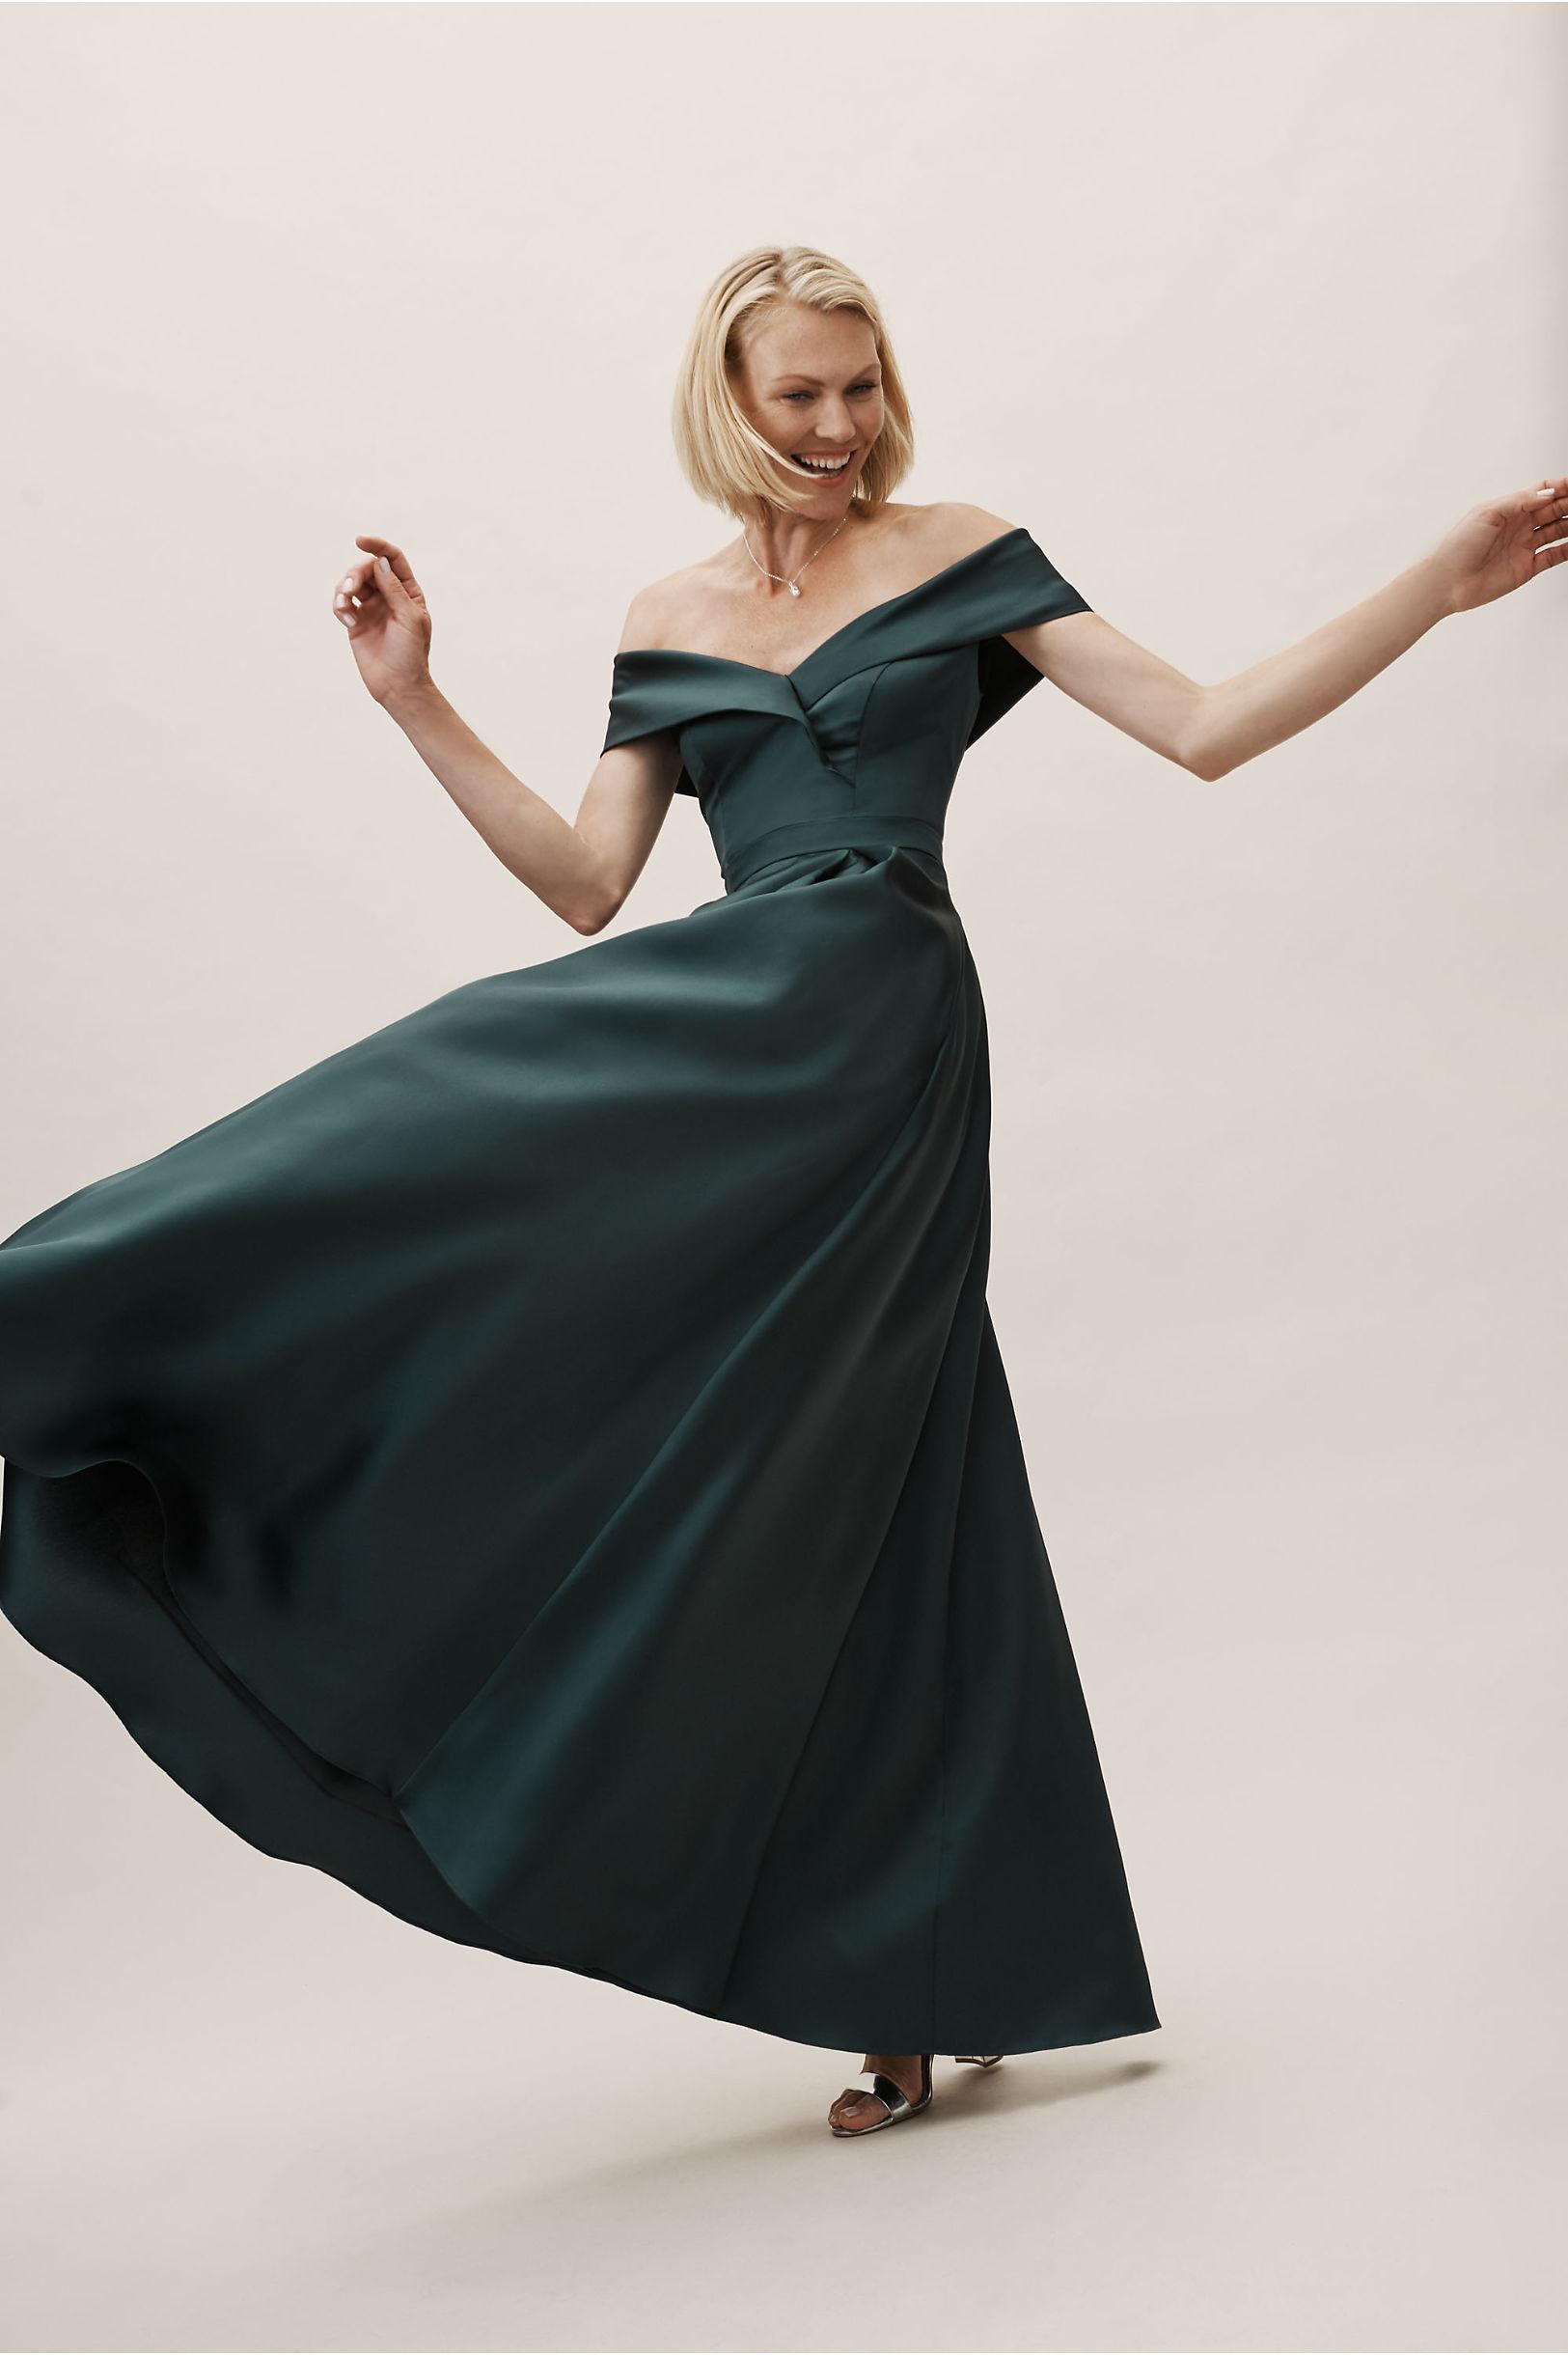 1950s Formal Dresses & Evening Gowns Camryn Dress $280.00 AT vintagedancer.com